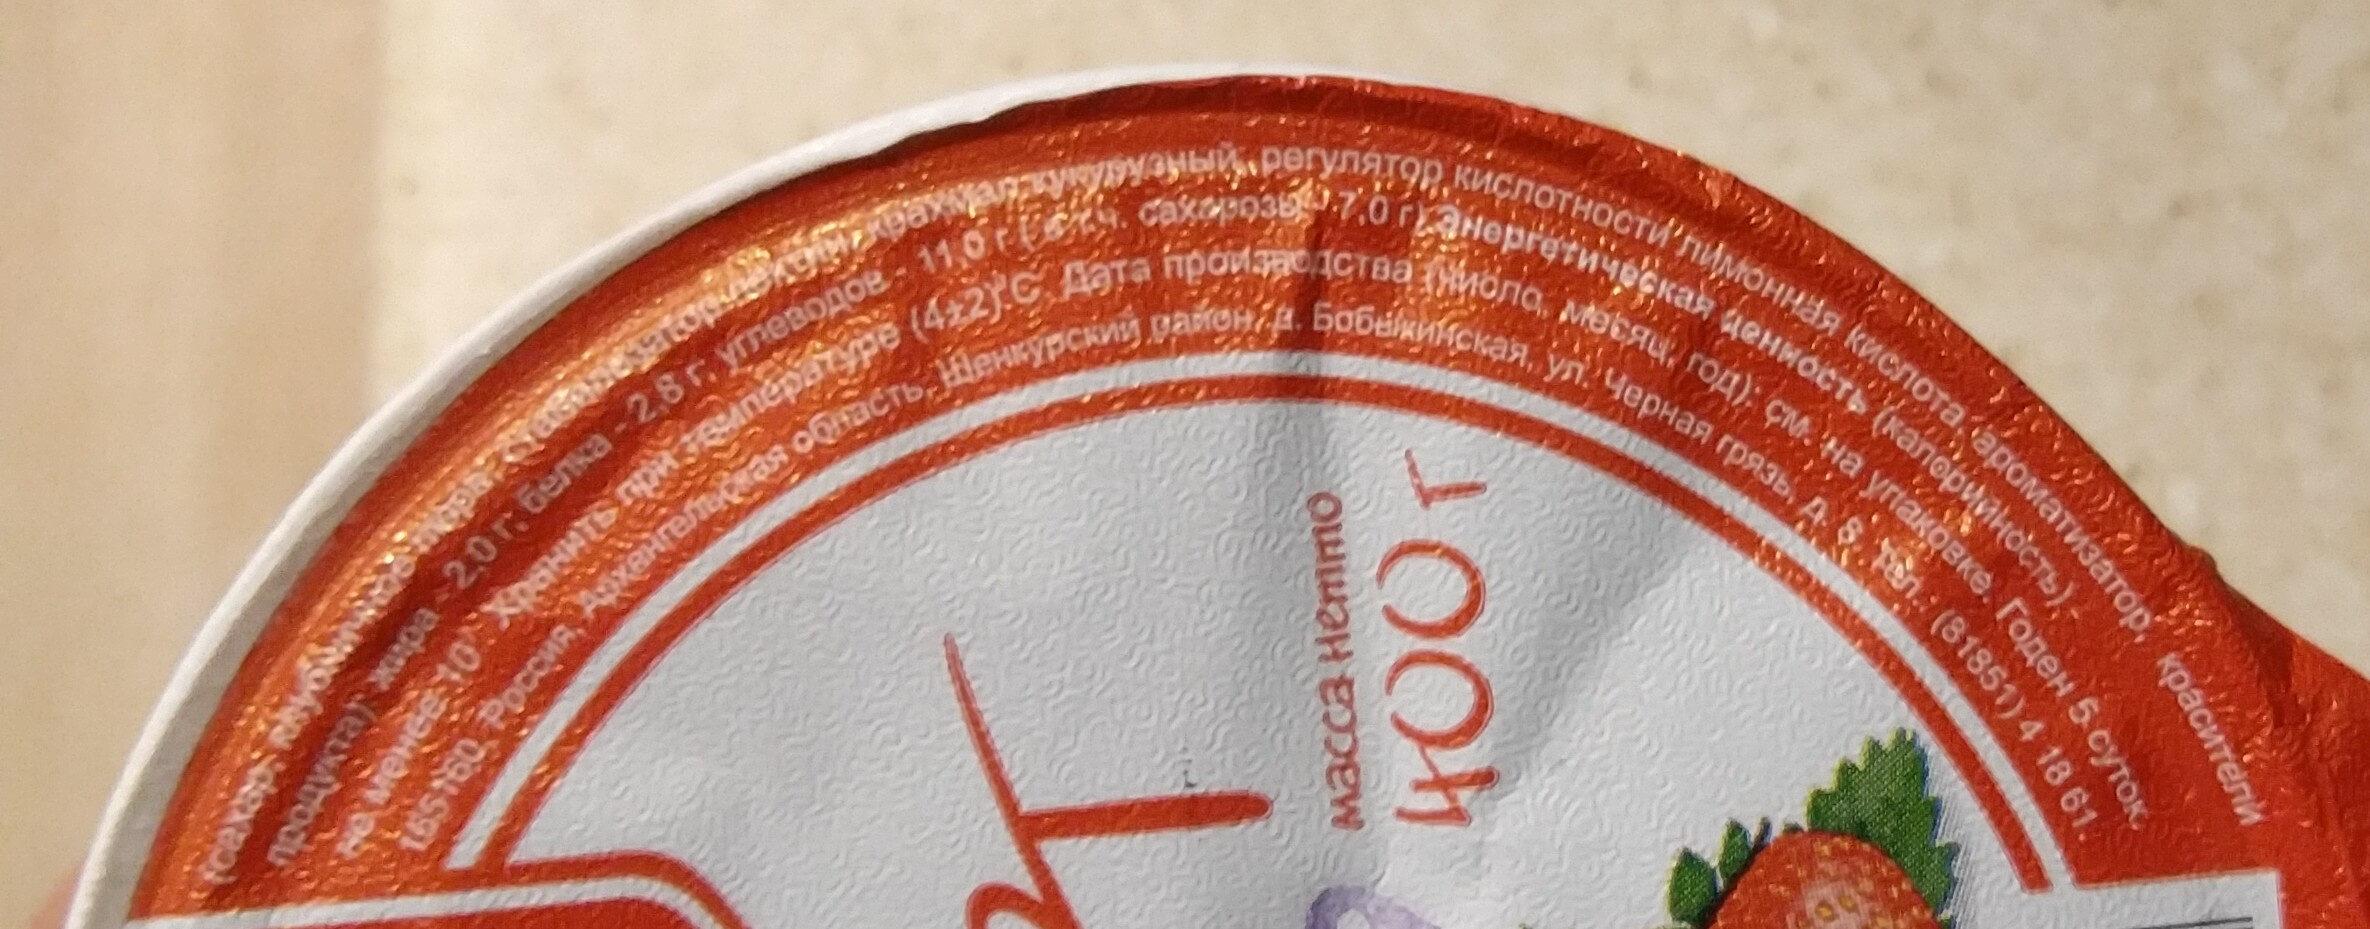 Йогурт клубничный - Informations nutritionnelles